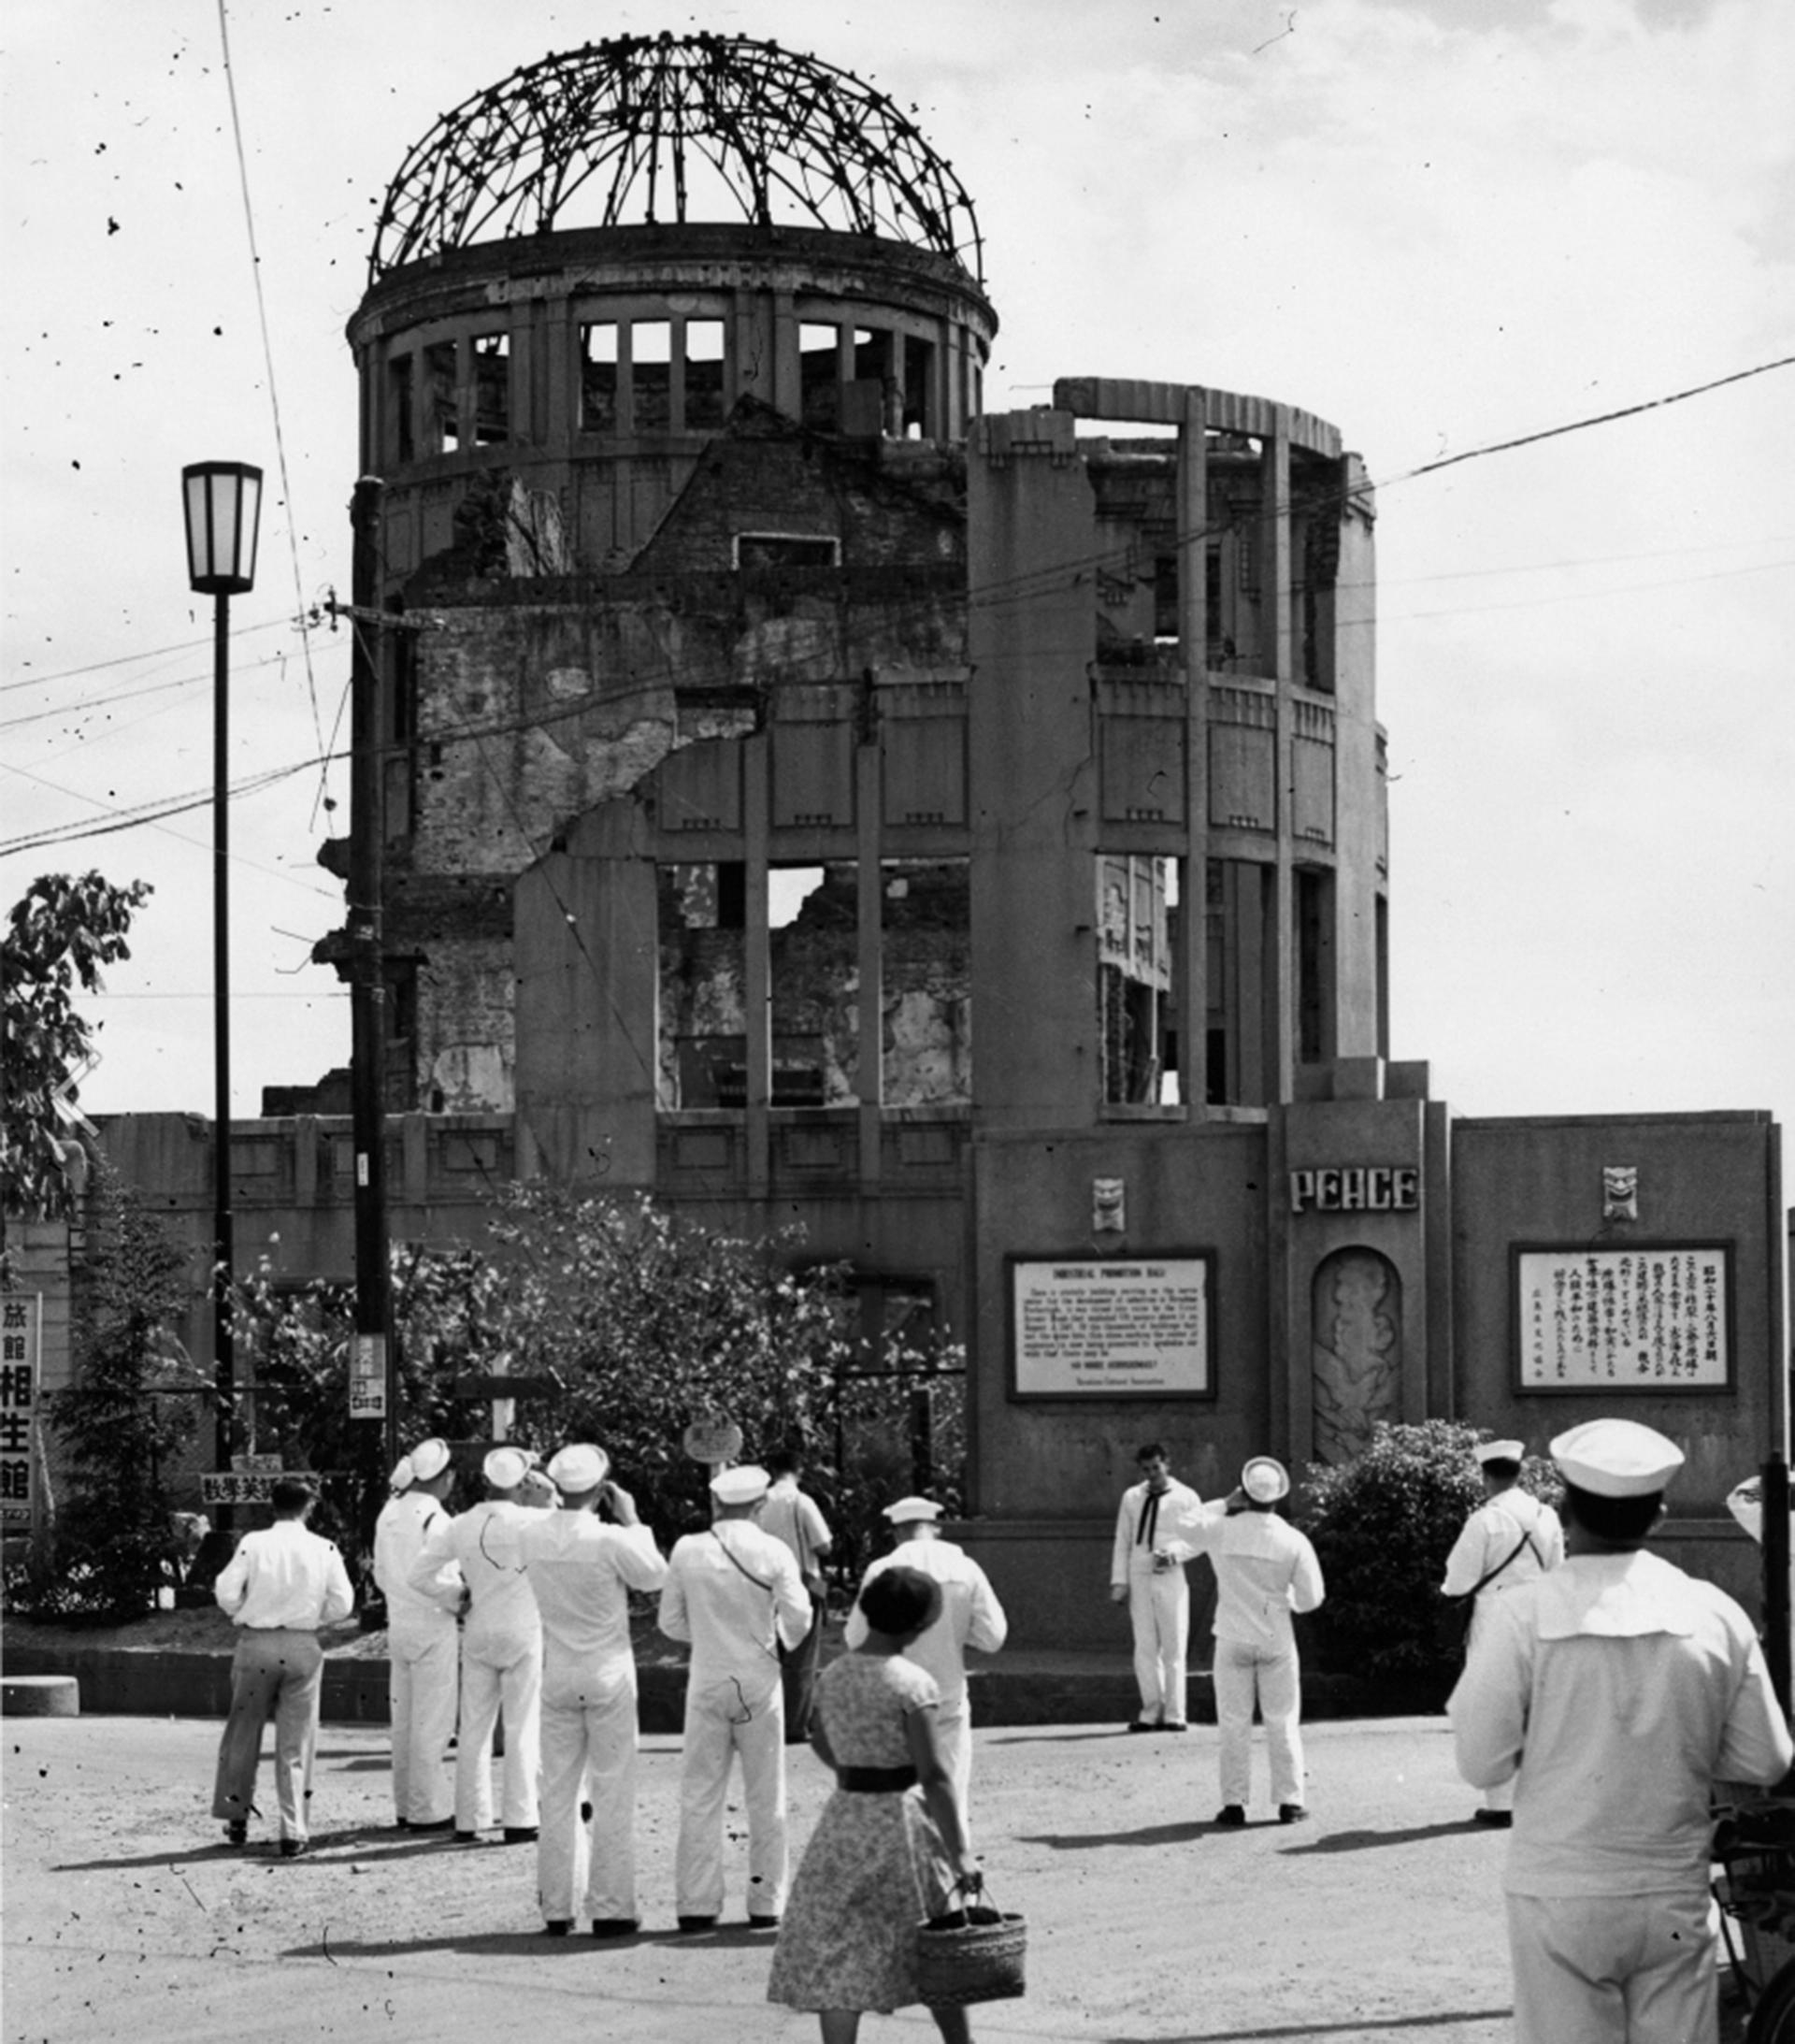 El Centro de Exhibiciones Industriales de la Prefectura de Hiroshima sobrevivió casi intancto a la explosión. Hoy es un museo conocido como el Domo Genbaku